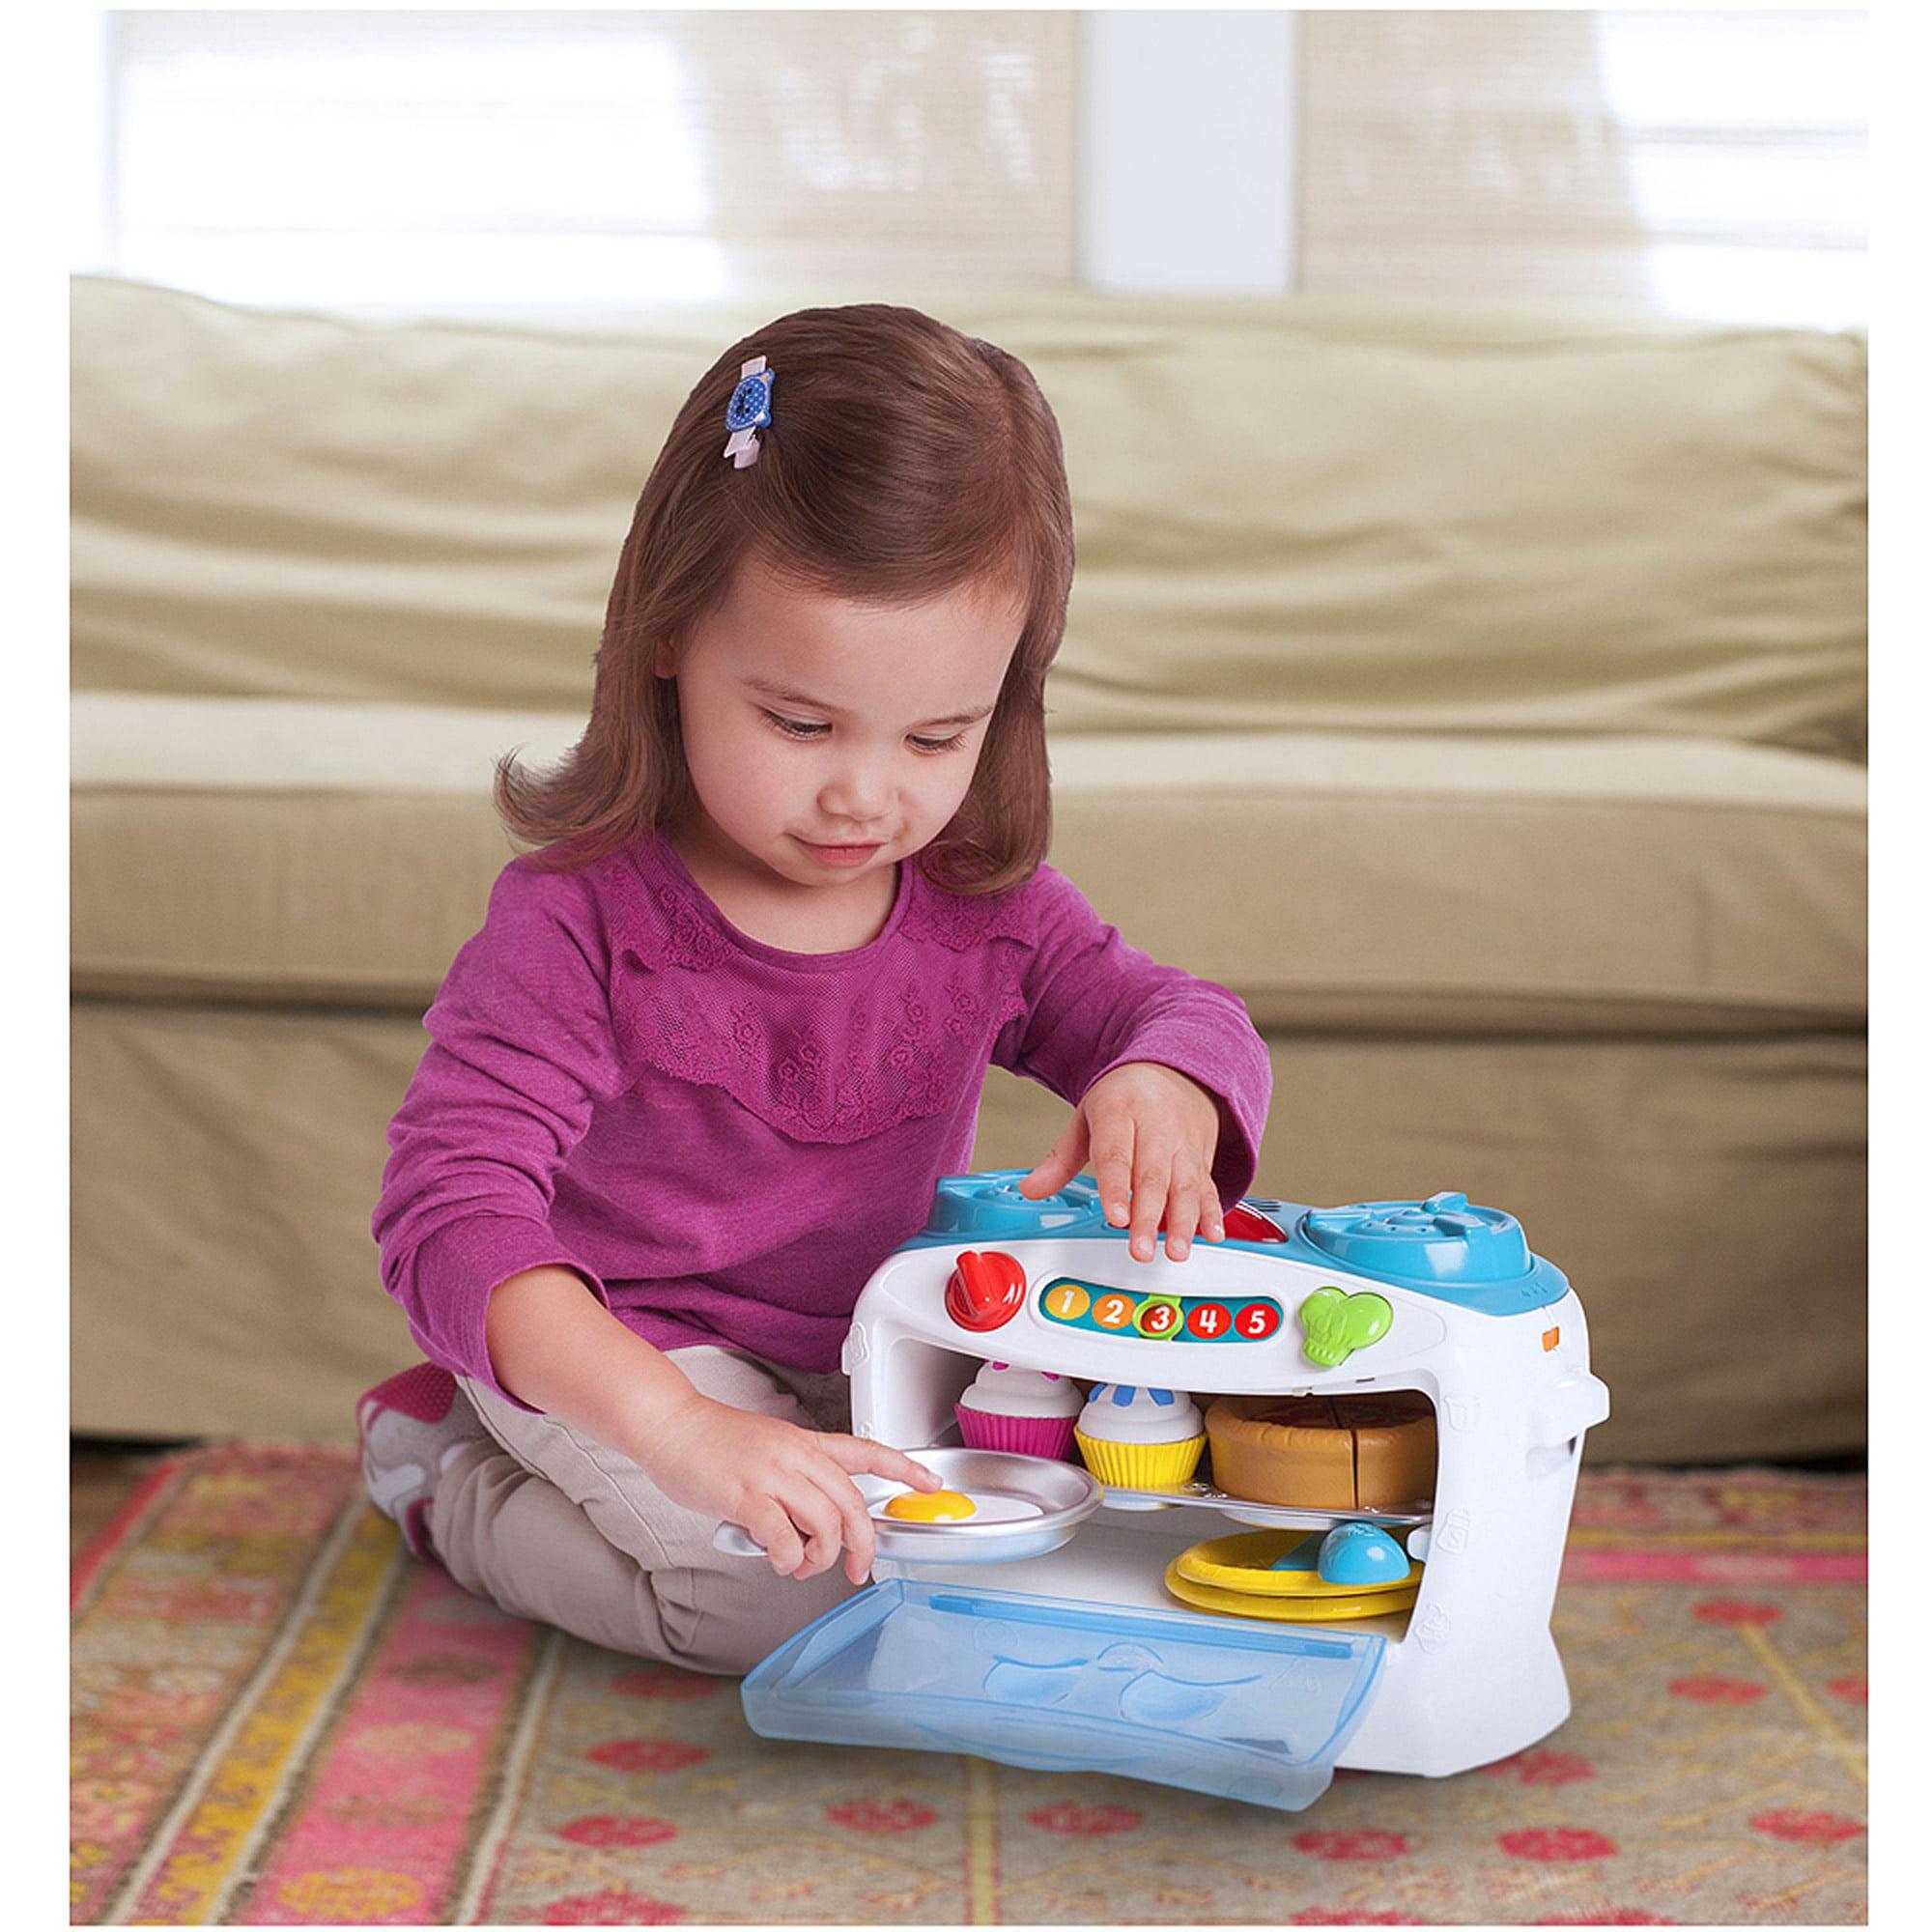 Learning Toys Toddler Girl : Leapfrog number loving oven kids girls pretend play toy